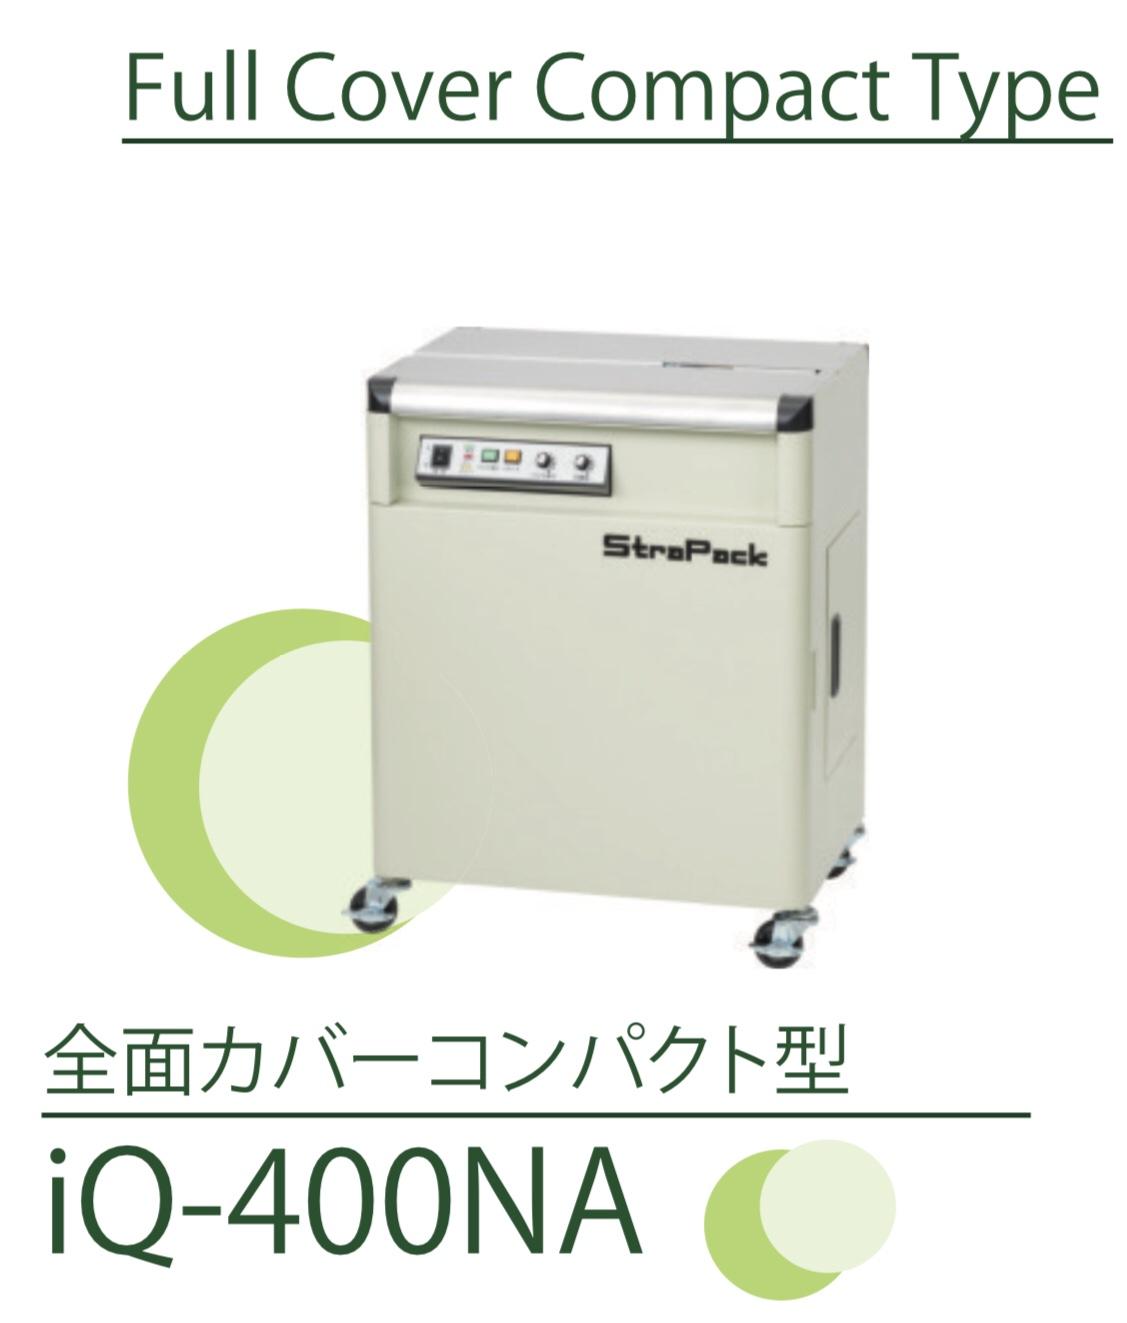 半自動梱包機iQ-400NA 全面カバーコンパクト型